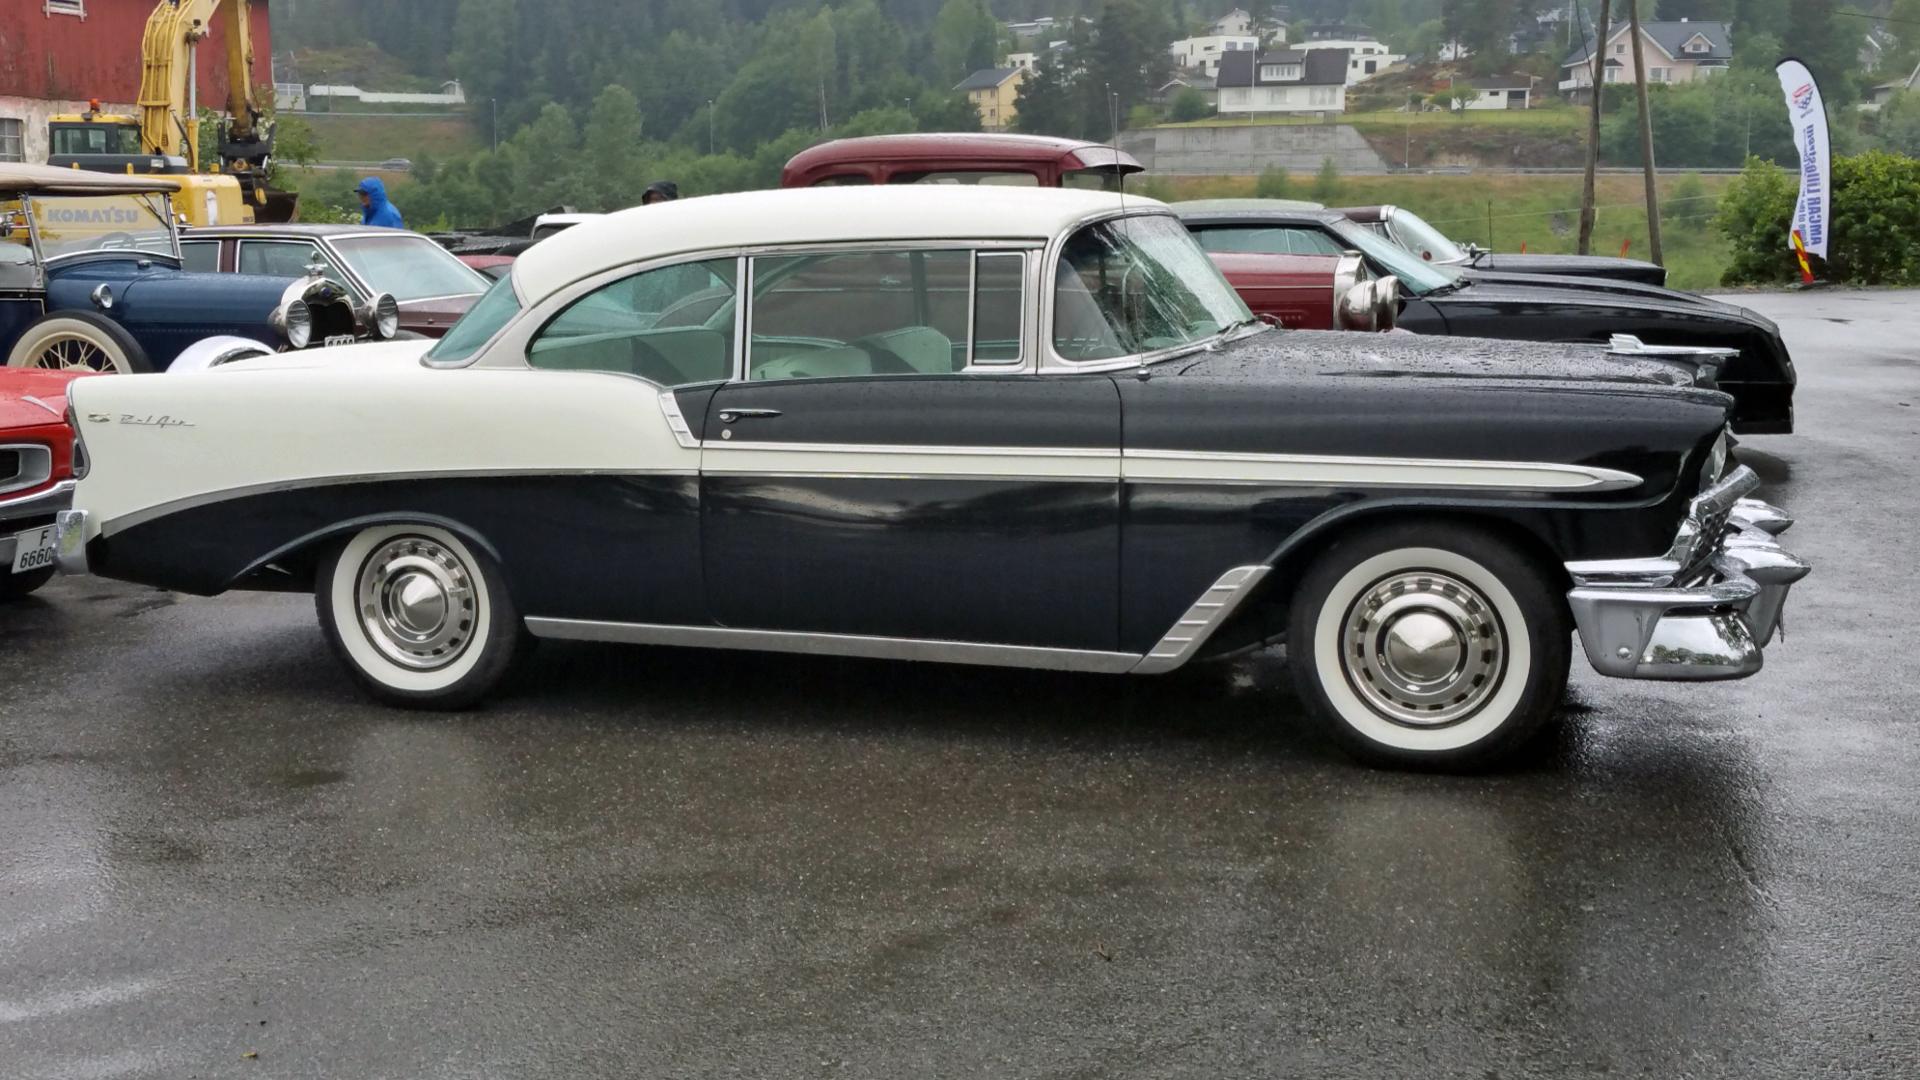 032-1956 Chevrolet BelAir 2dht 01. Eier- medlem 03